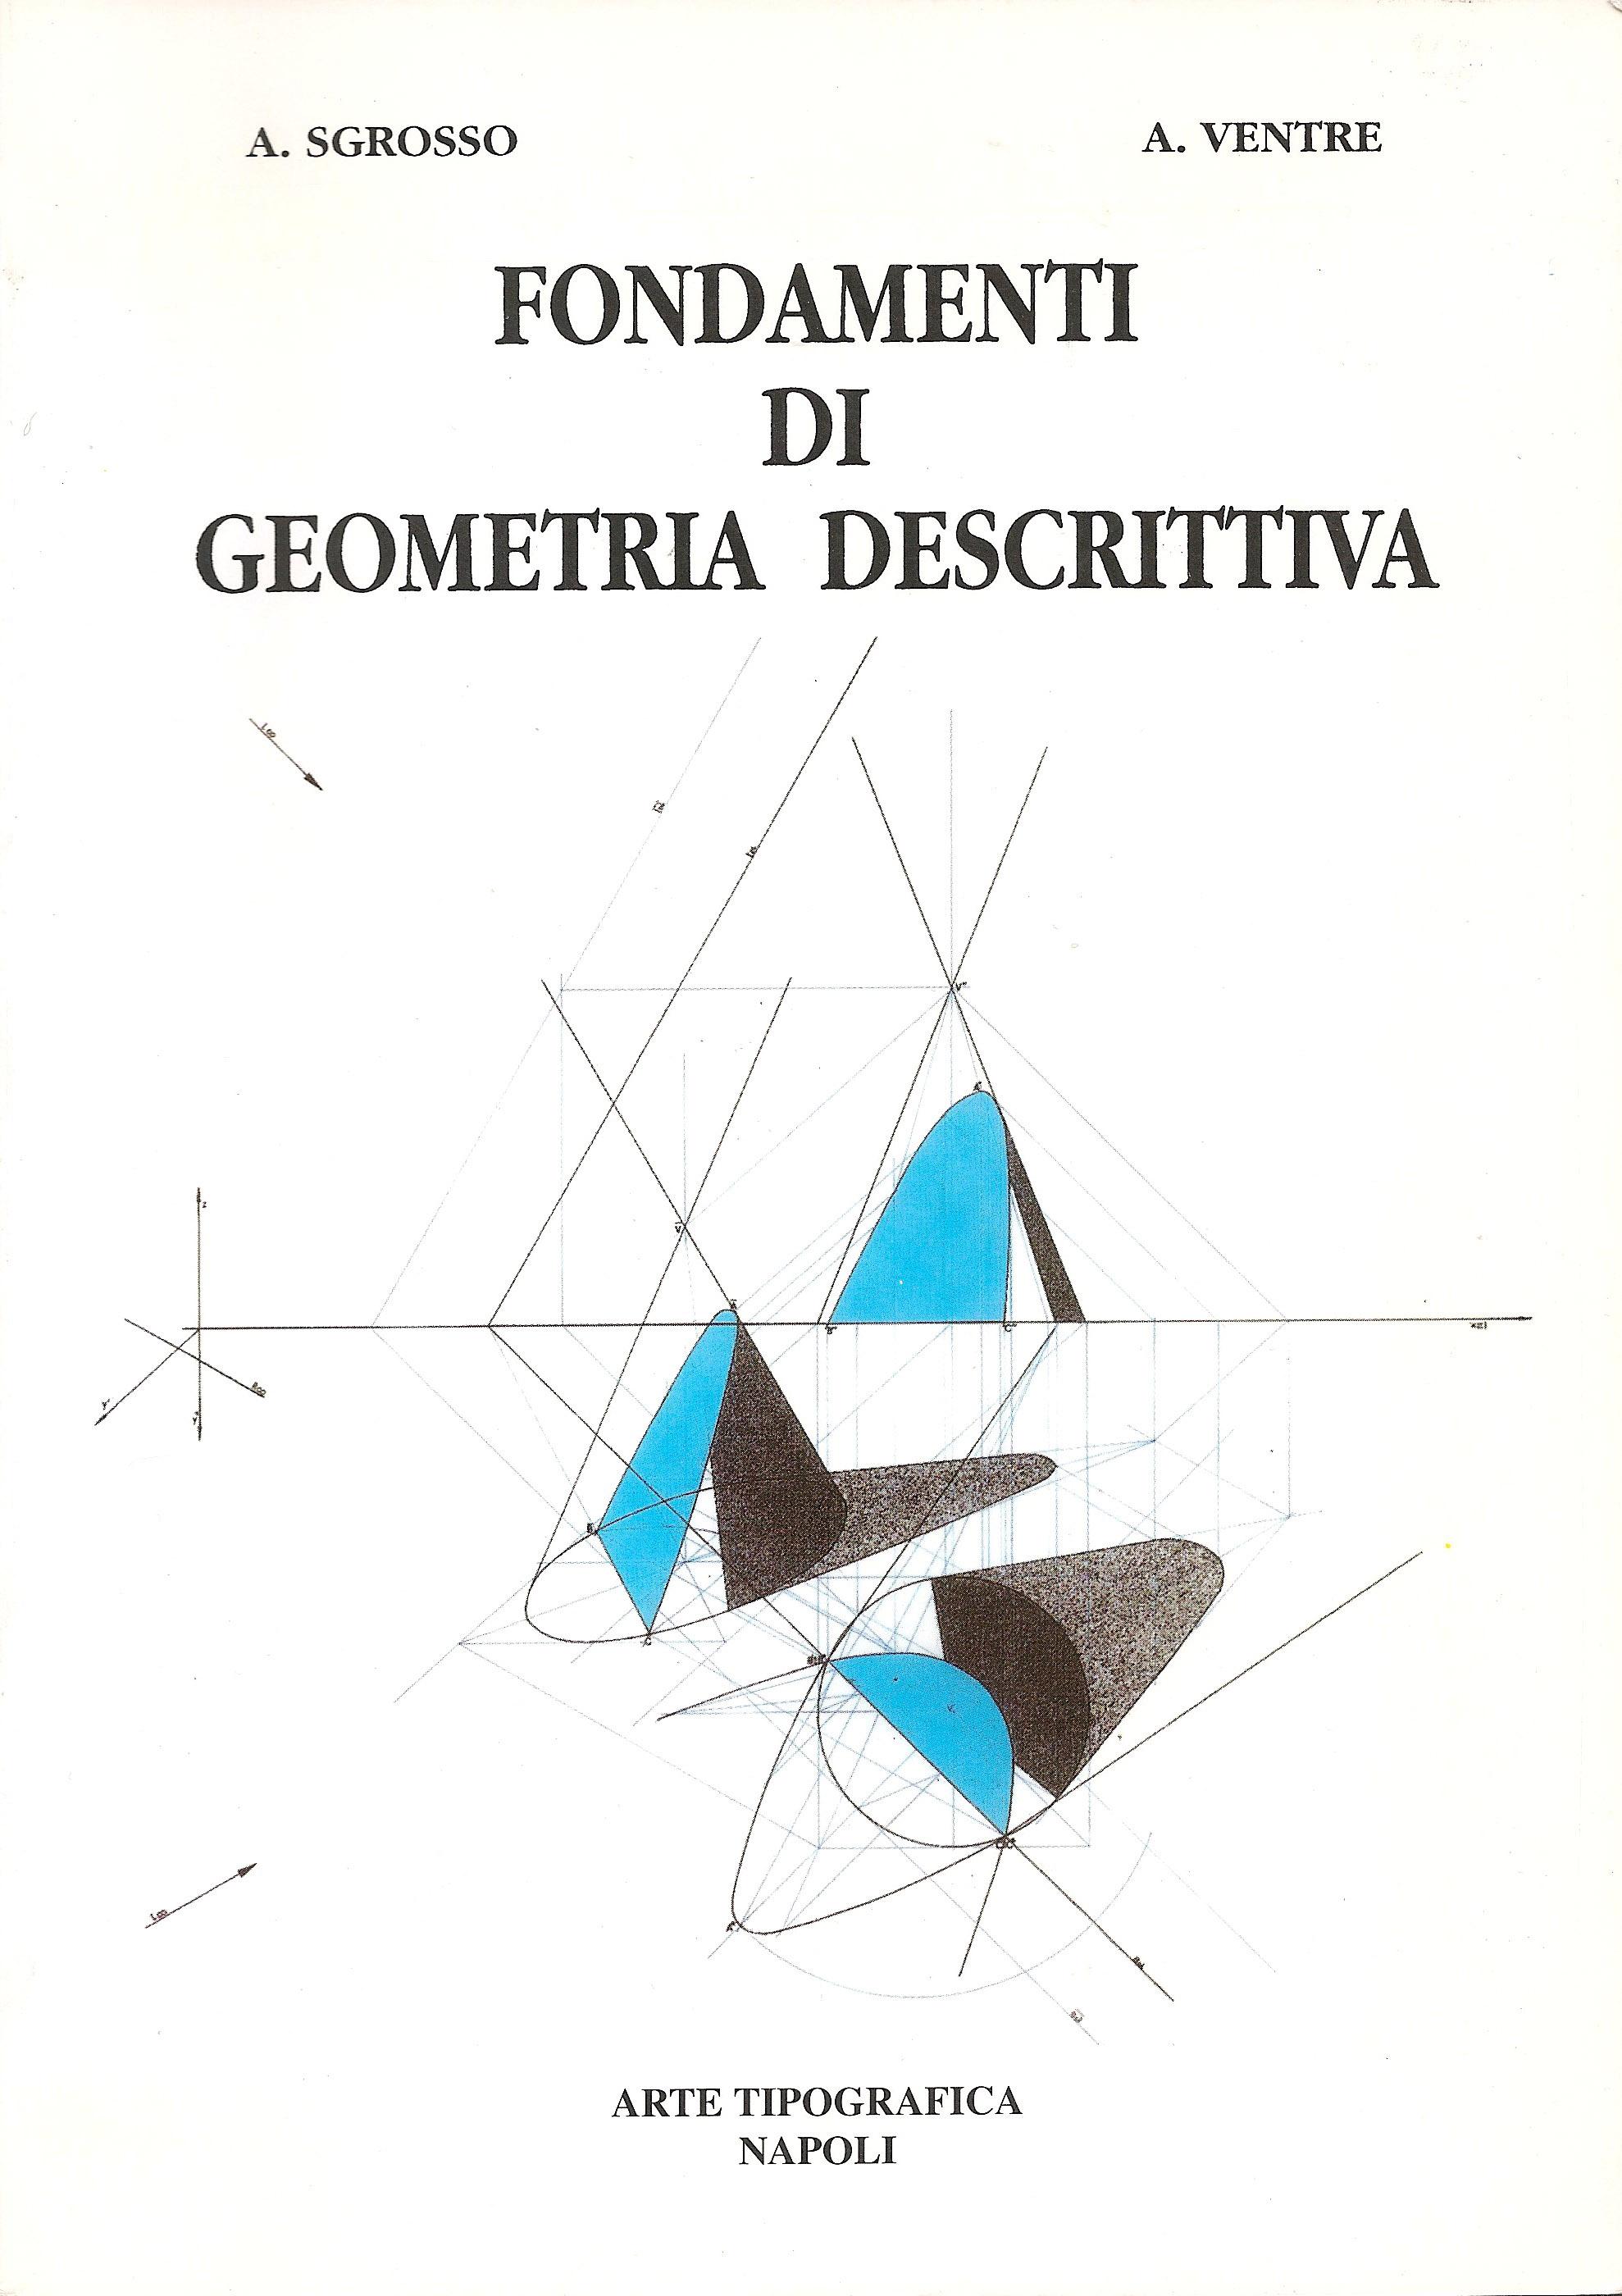 Fondamenti di geometria descrittiva